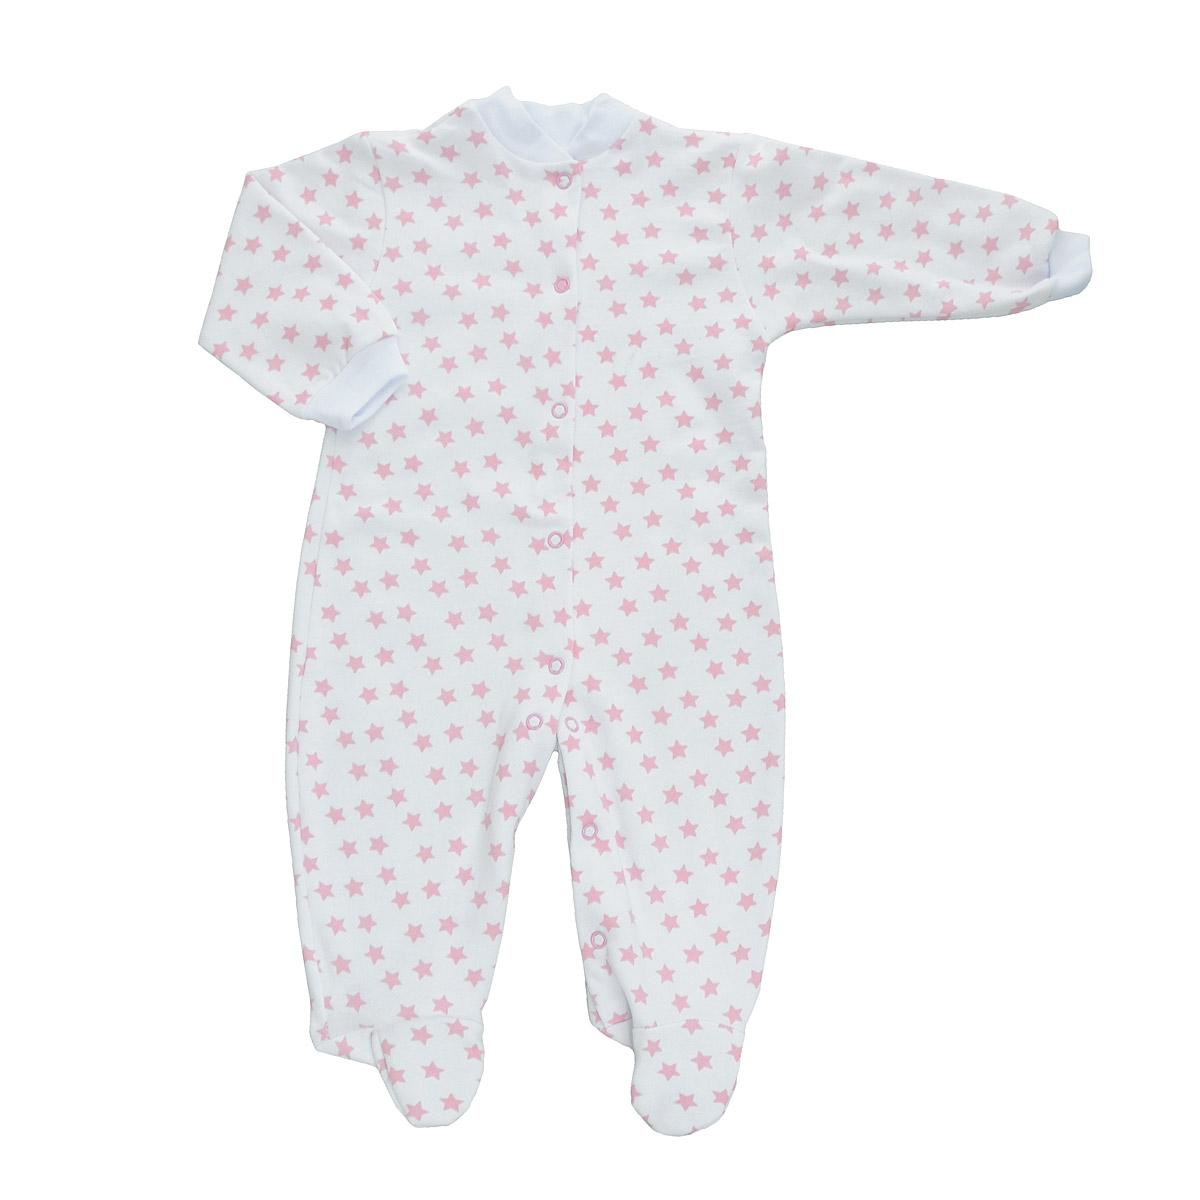 Комбинезон детский Трон-Плюс, цвет: белый, розовый, рисунок звезды. 5821. Размер 80, 12 месяцев5821Детский комбинезон Трон-Плюс - очень удобный и практичный вид одежды для малышей. Теплый комбинезон выполнен из футерованного полотна - натурального хлопка, благодаря чему он необычайно мягкий и приятный на ощупь, не раздражает нежную кожу ребенка, и хорошо вентилируются, а эластичные швы приятны телу малыша и не препятствуют его движениям. Комбинезон с длинными рукавами и закрытыми ножками имеет застежки-кнопки от горловины до щиколоток, которые помогают легко переодеть младенца или сменить подгузник. Рукава понизу дополнены неширокими трикотажными манжетами, мягко облегающими запястья. Вырез горловины дополнен мягкой трикотажной резинкой. Оформлен комбинезон оригинальным принтом. С детским комбинезоном спинка и ножки вашего малыша всегда будут в тепле, он идеален для использования днем и незаменим ночью. Комбинезон полностью соответствует особенностям жизни младенца в ранний период, не стесняя и не ограничивая его в движениях!